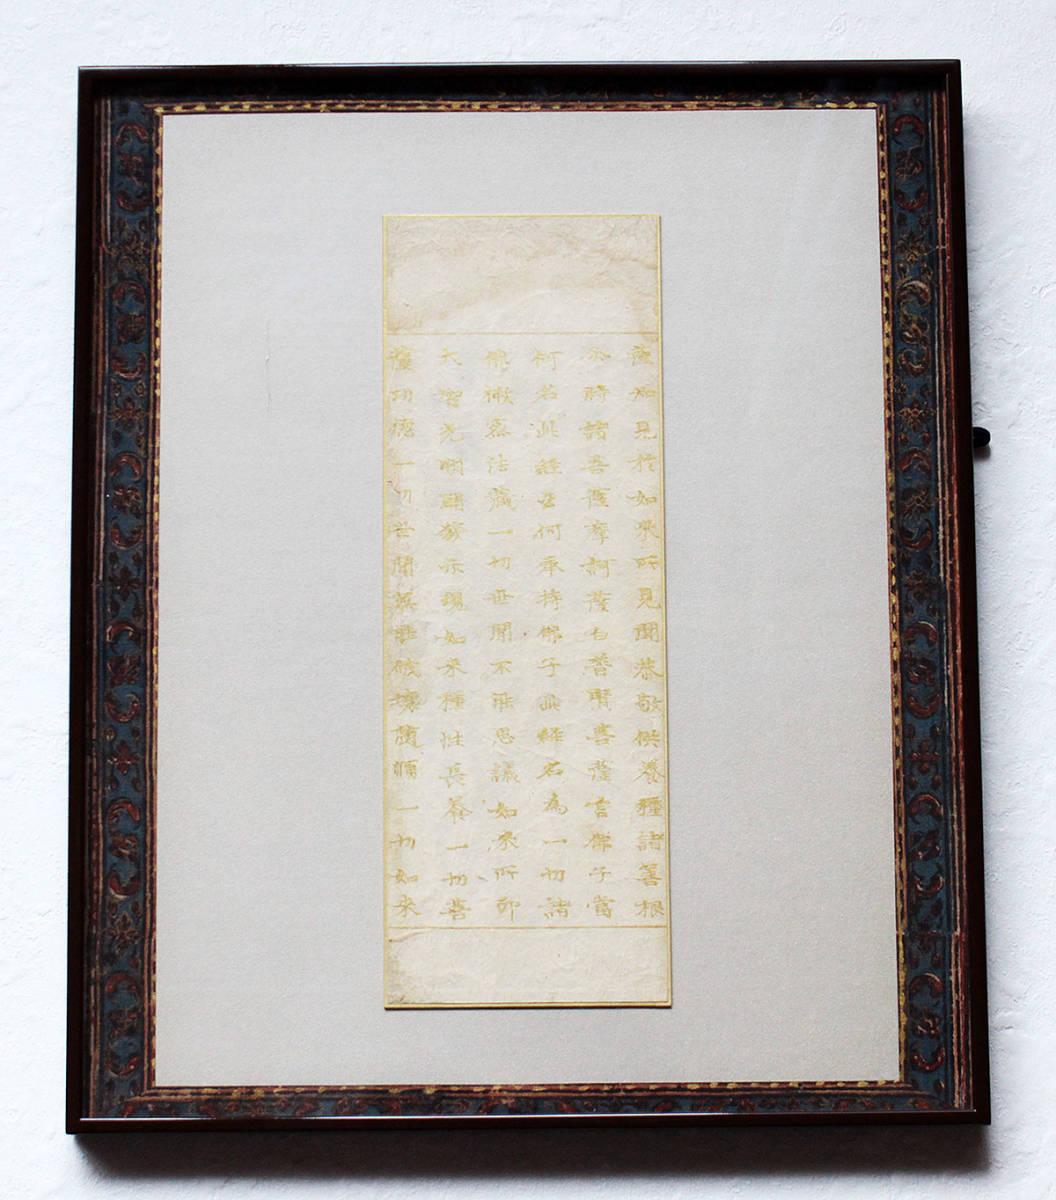 ◆額『 金字高麗経 六行 』高麗時代 白紙金字 古写経 古筆断簡 仏教美術 中国唐物唐本